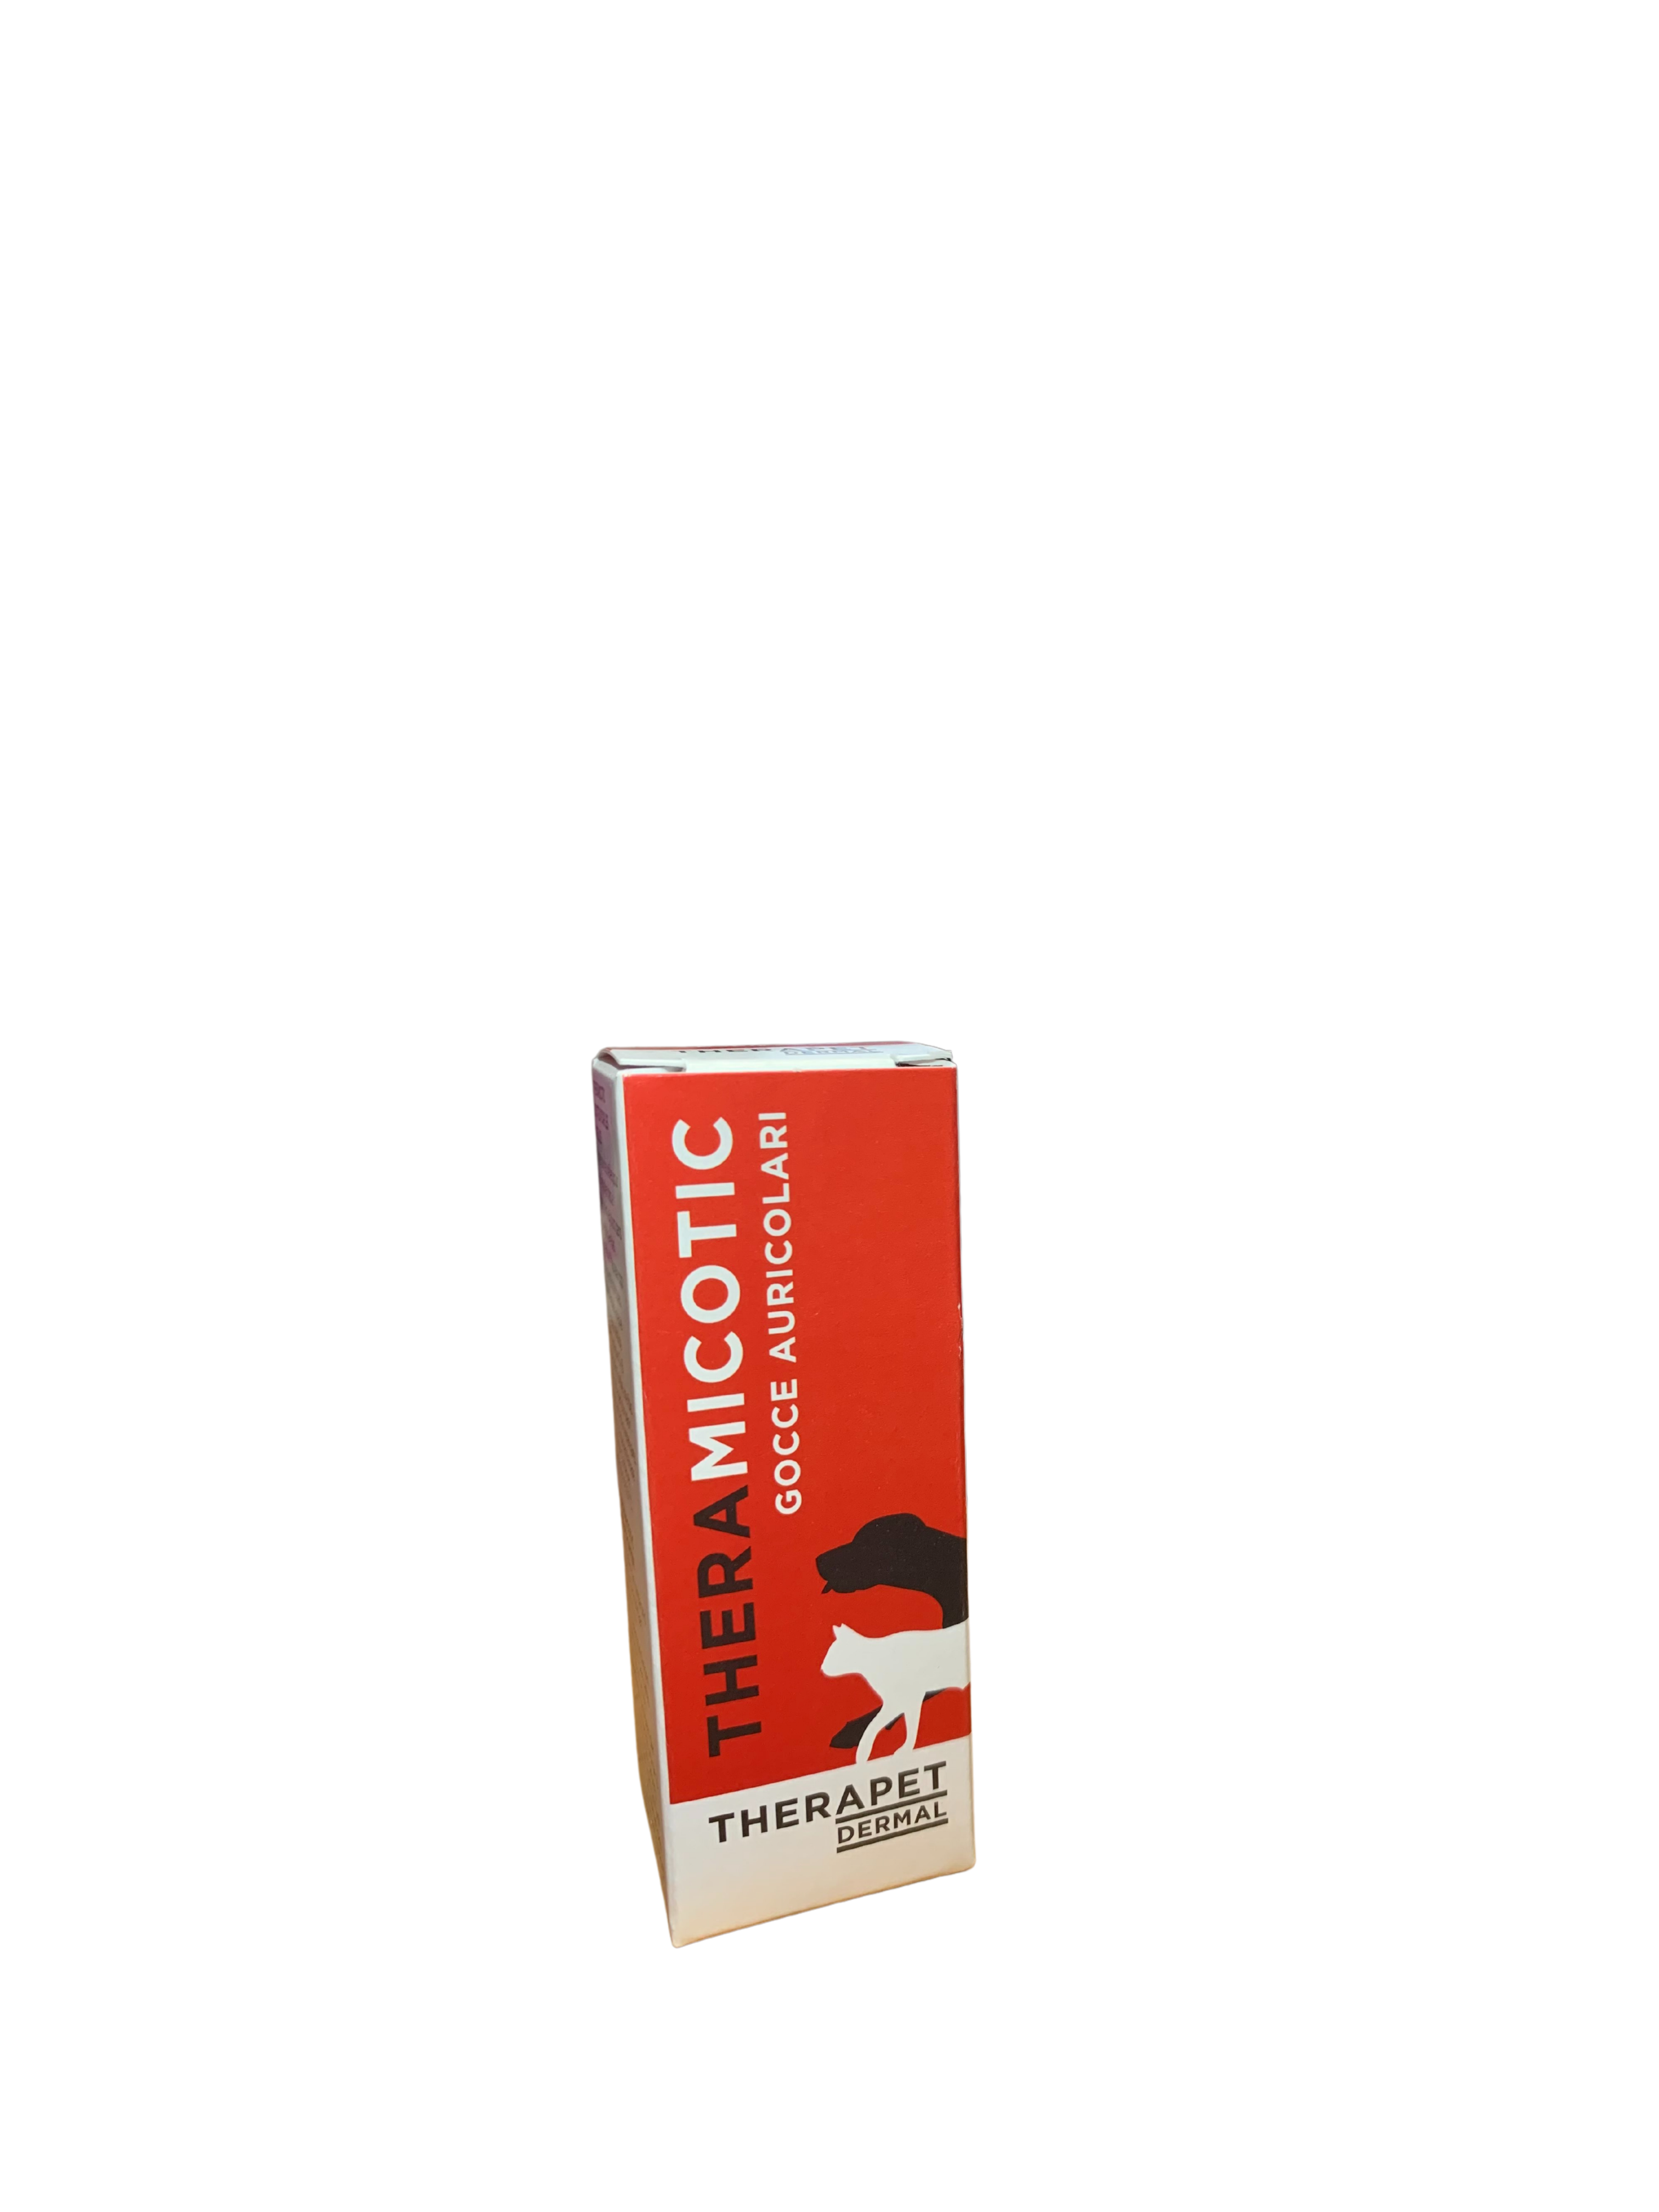 THERAMIOTIC GOCCE AURICOLARI 25 ml - Benessere per il condotto auricolare